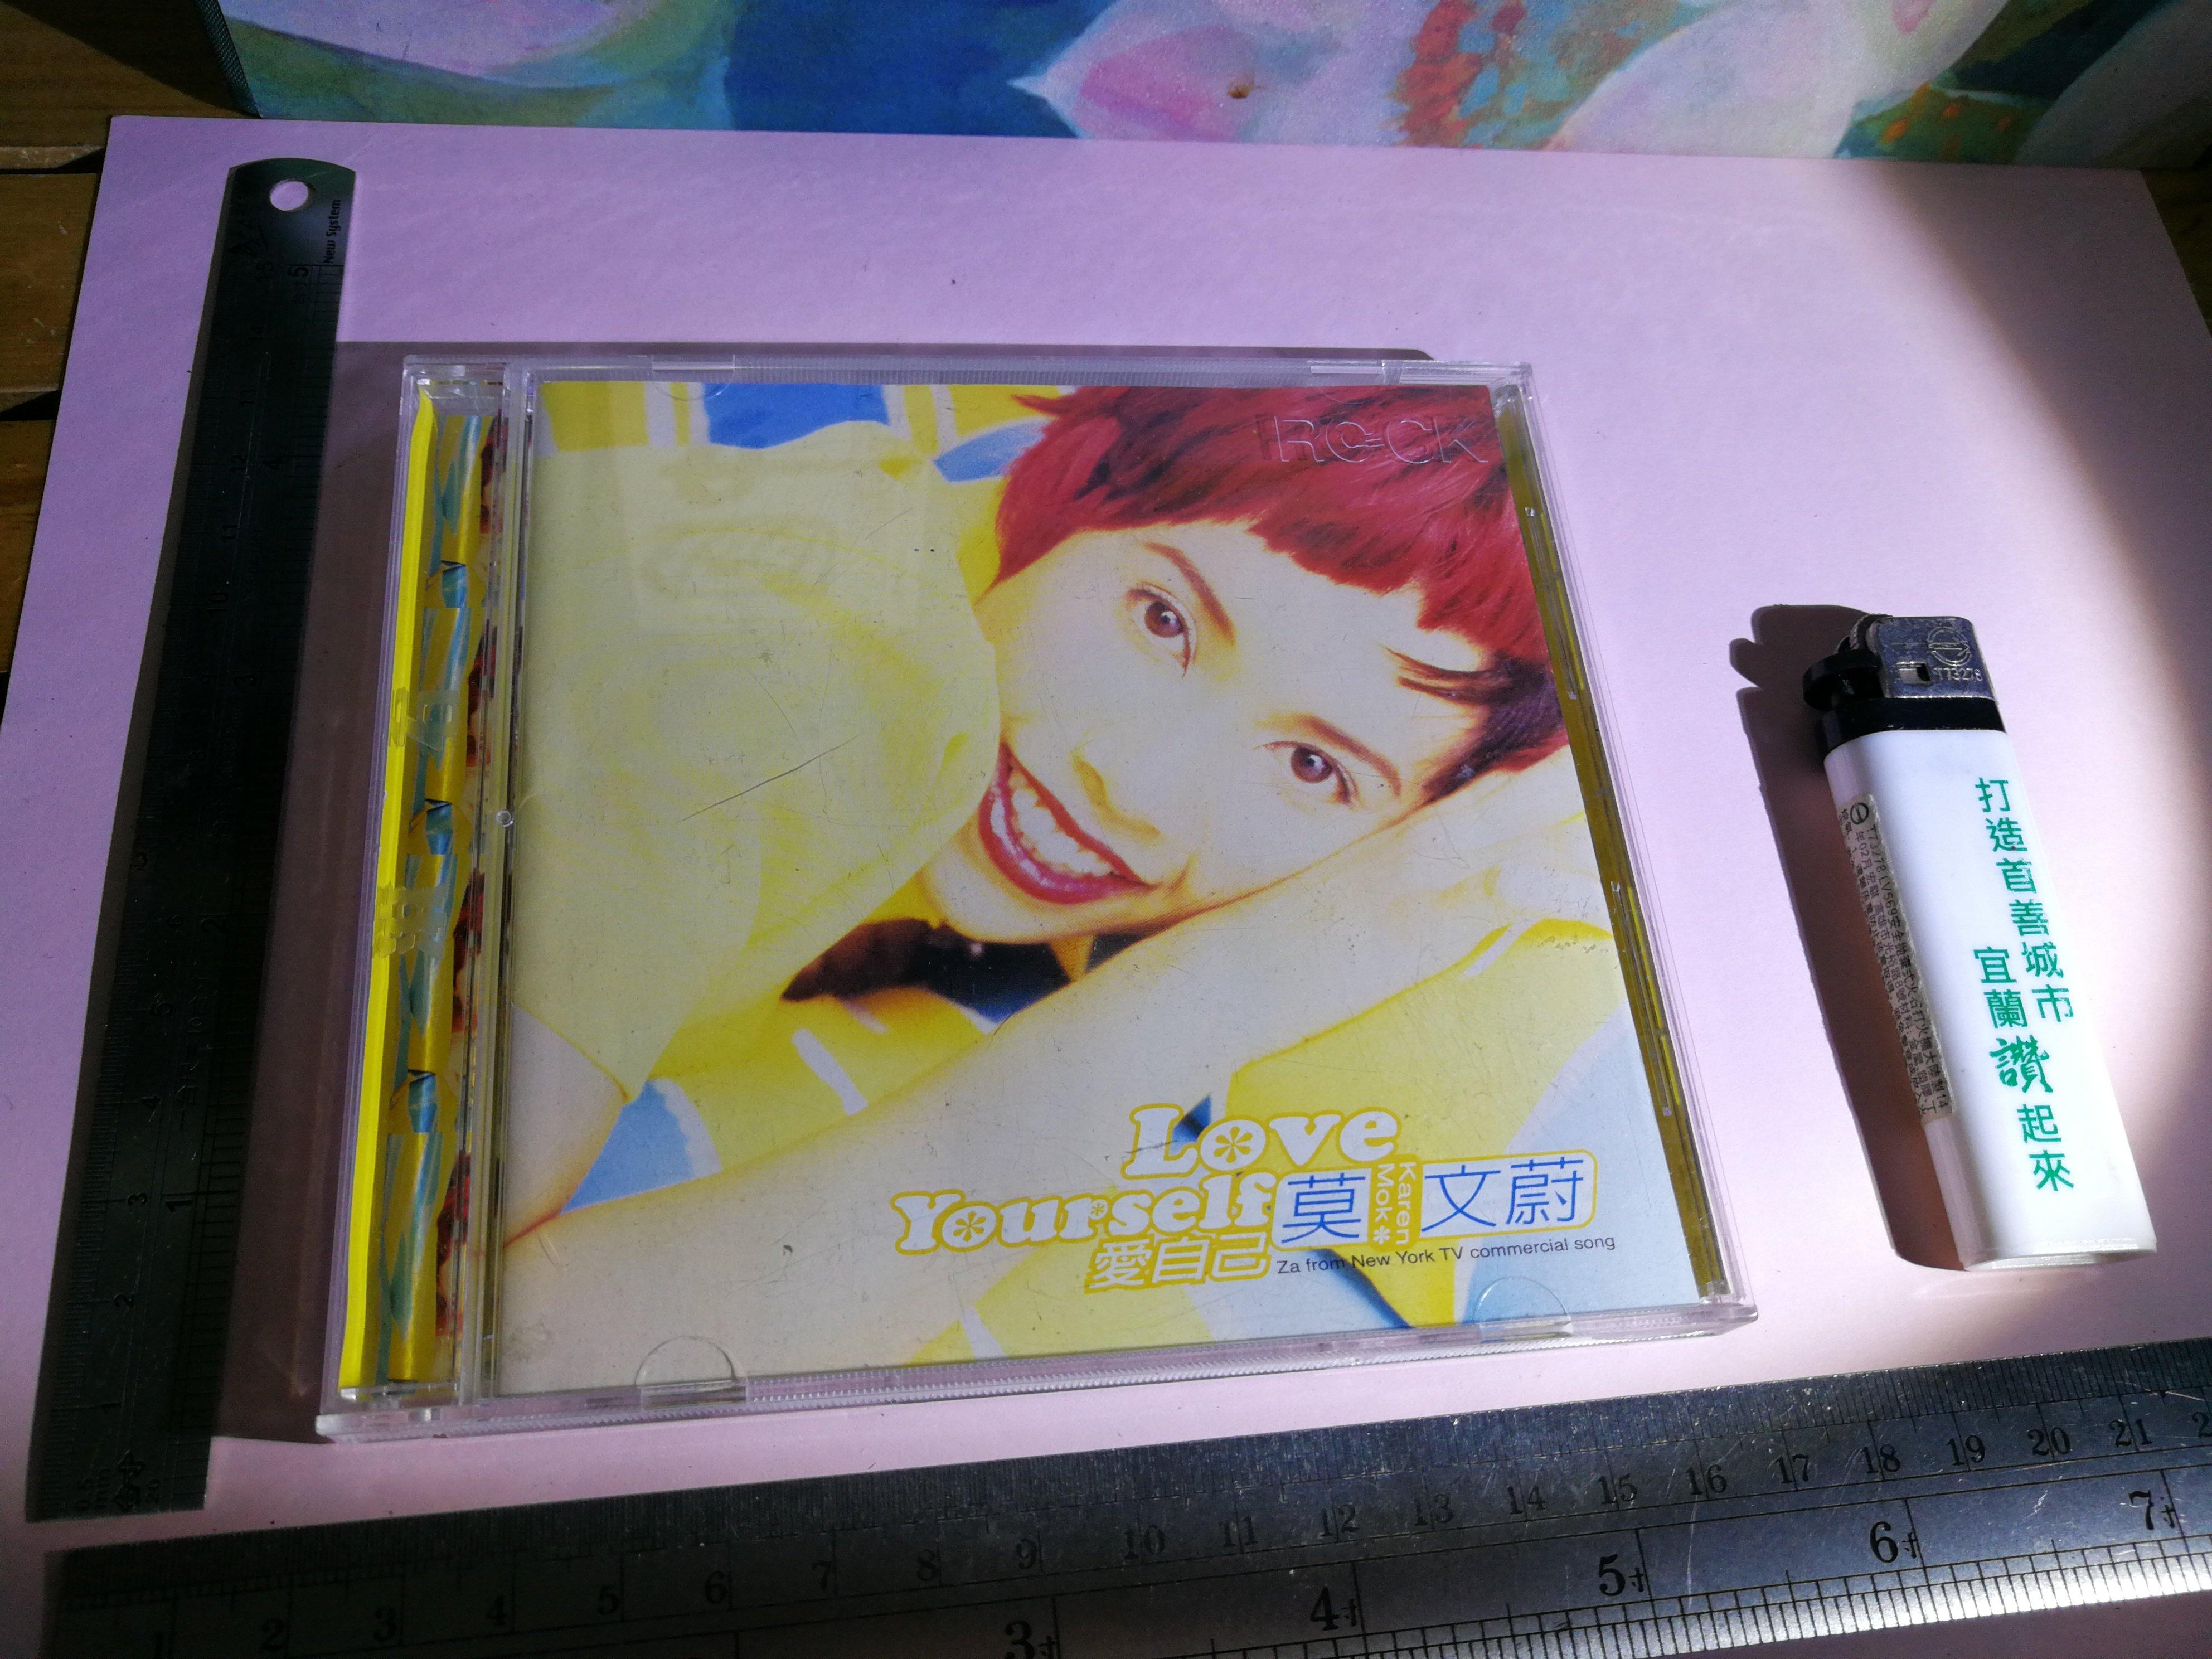 銘馨易拍重生網 107CD905 莫文蔚 Love Yourself 早期 1997年 滾石 保存如圖(未測試)特價讓藏